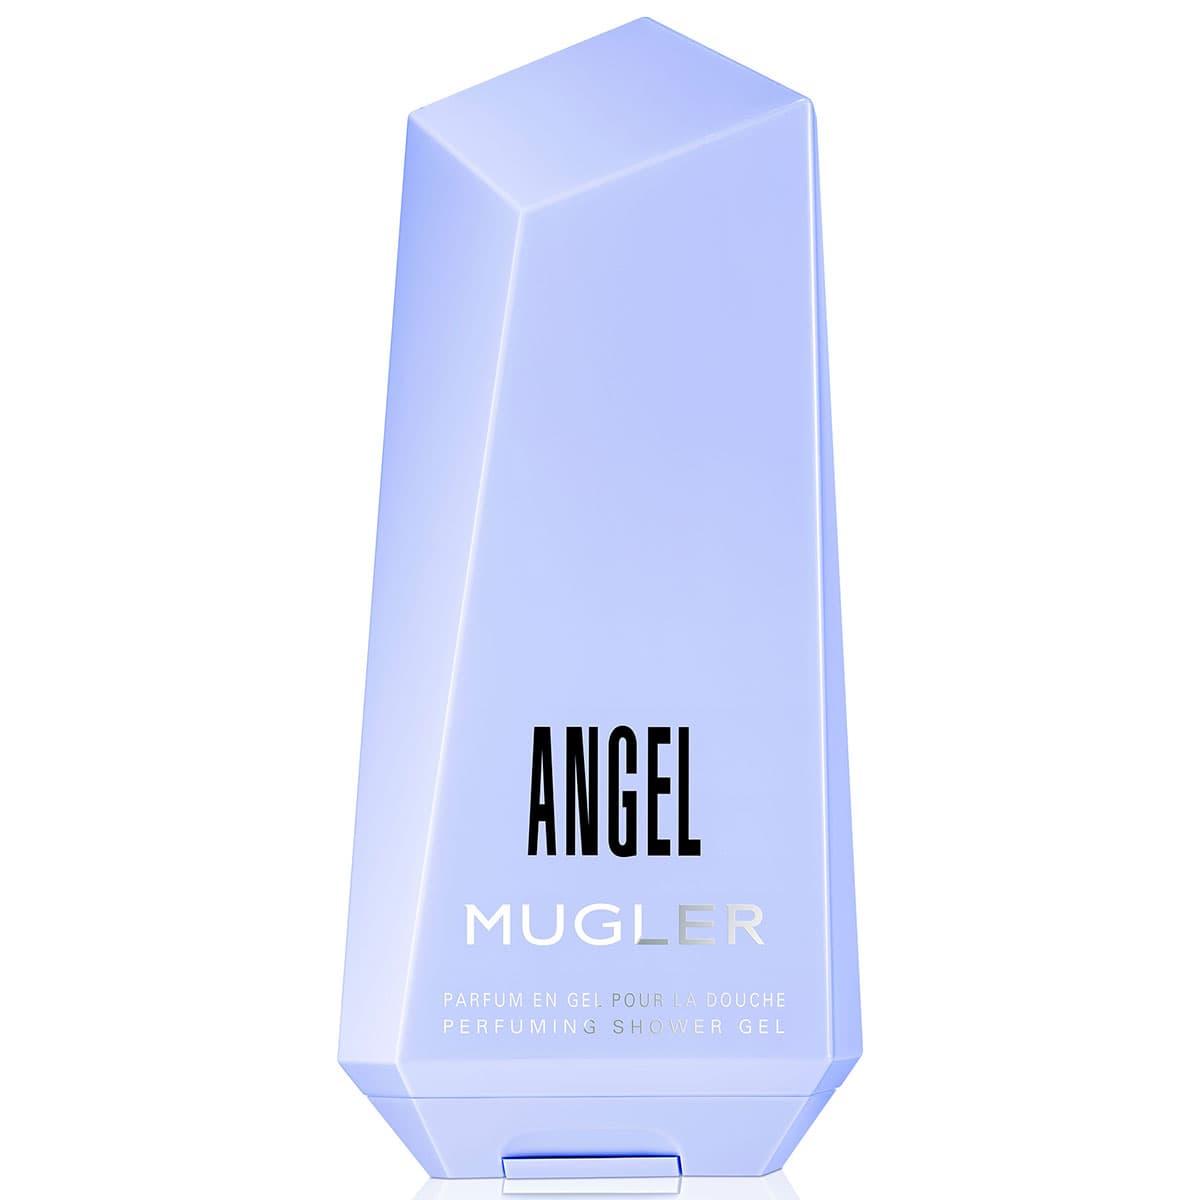 Gel douche Angel - MUGLER